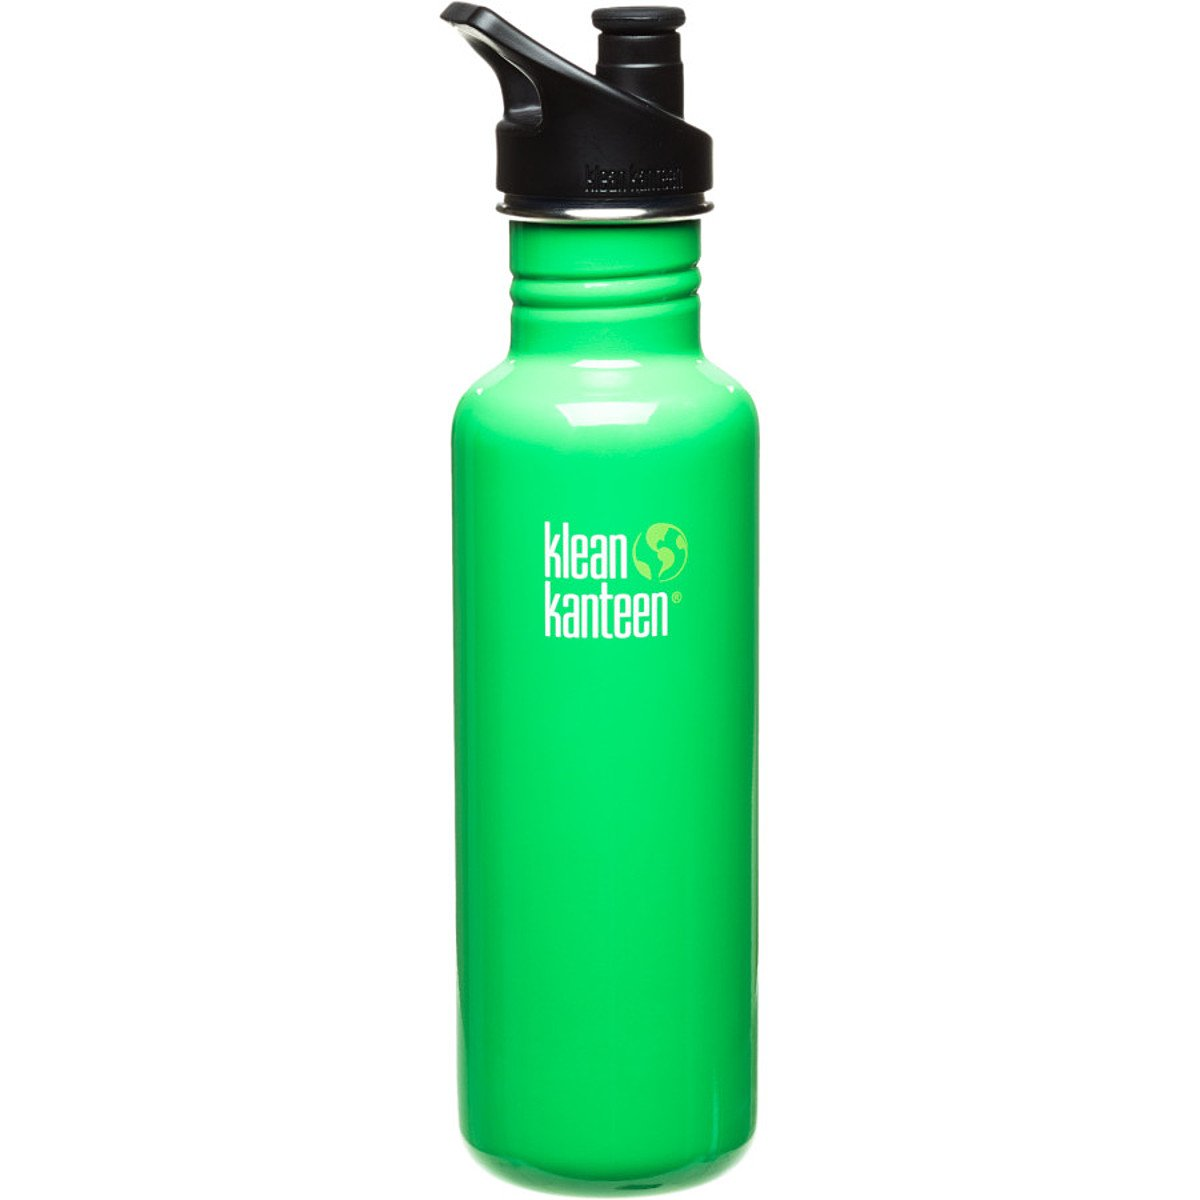 Klean Kanteen 27 oz Stainless Steel Water Bottle with Loop Cap in Black Organic Garden with Black Loop Cap